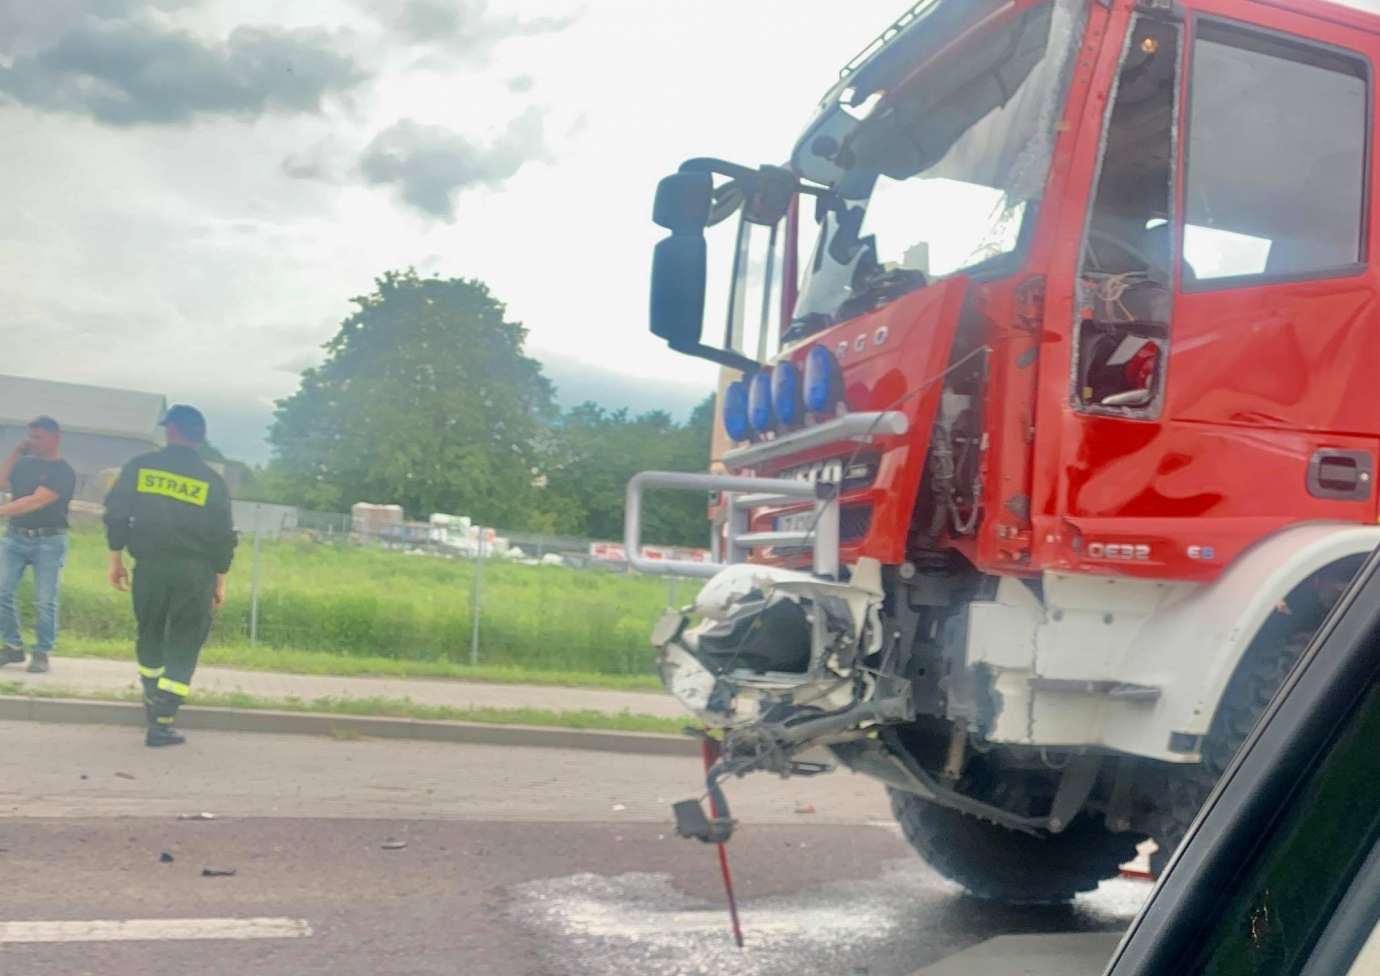 img 2008 Z ostatniej chwili: zderzenie z wozem strażackim (zdjęcia)